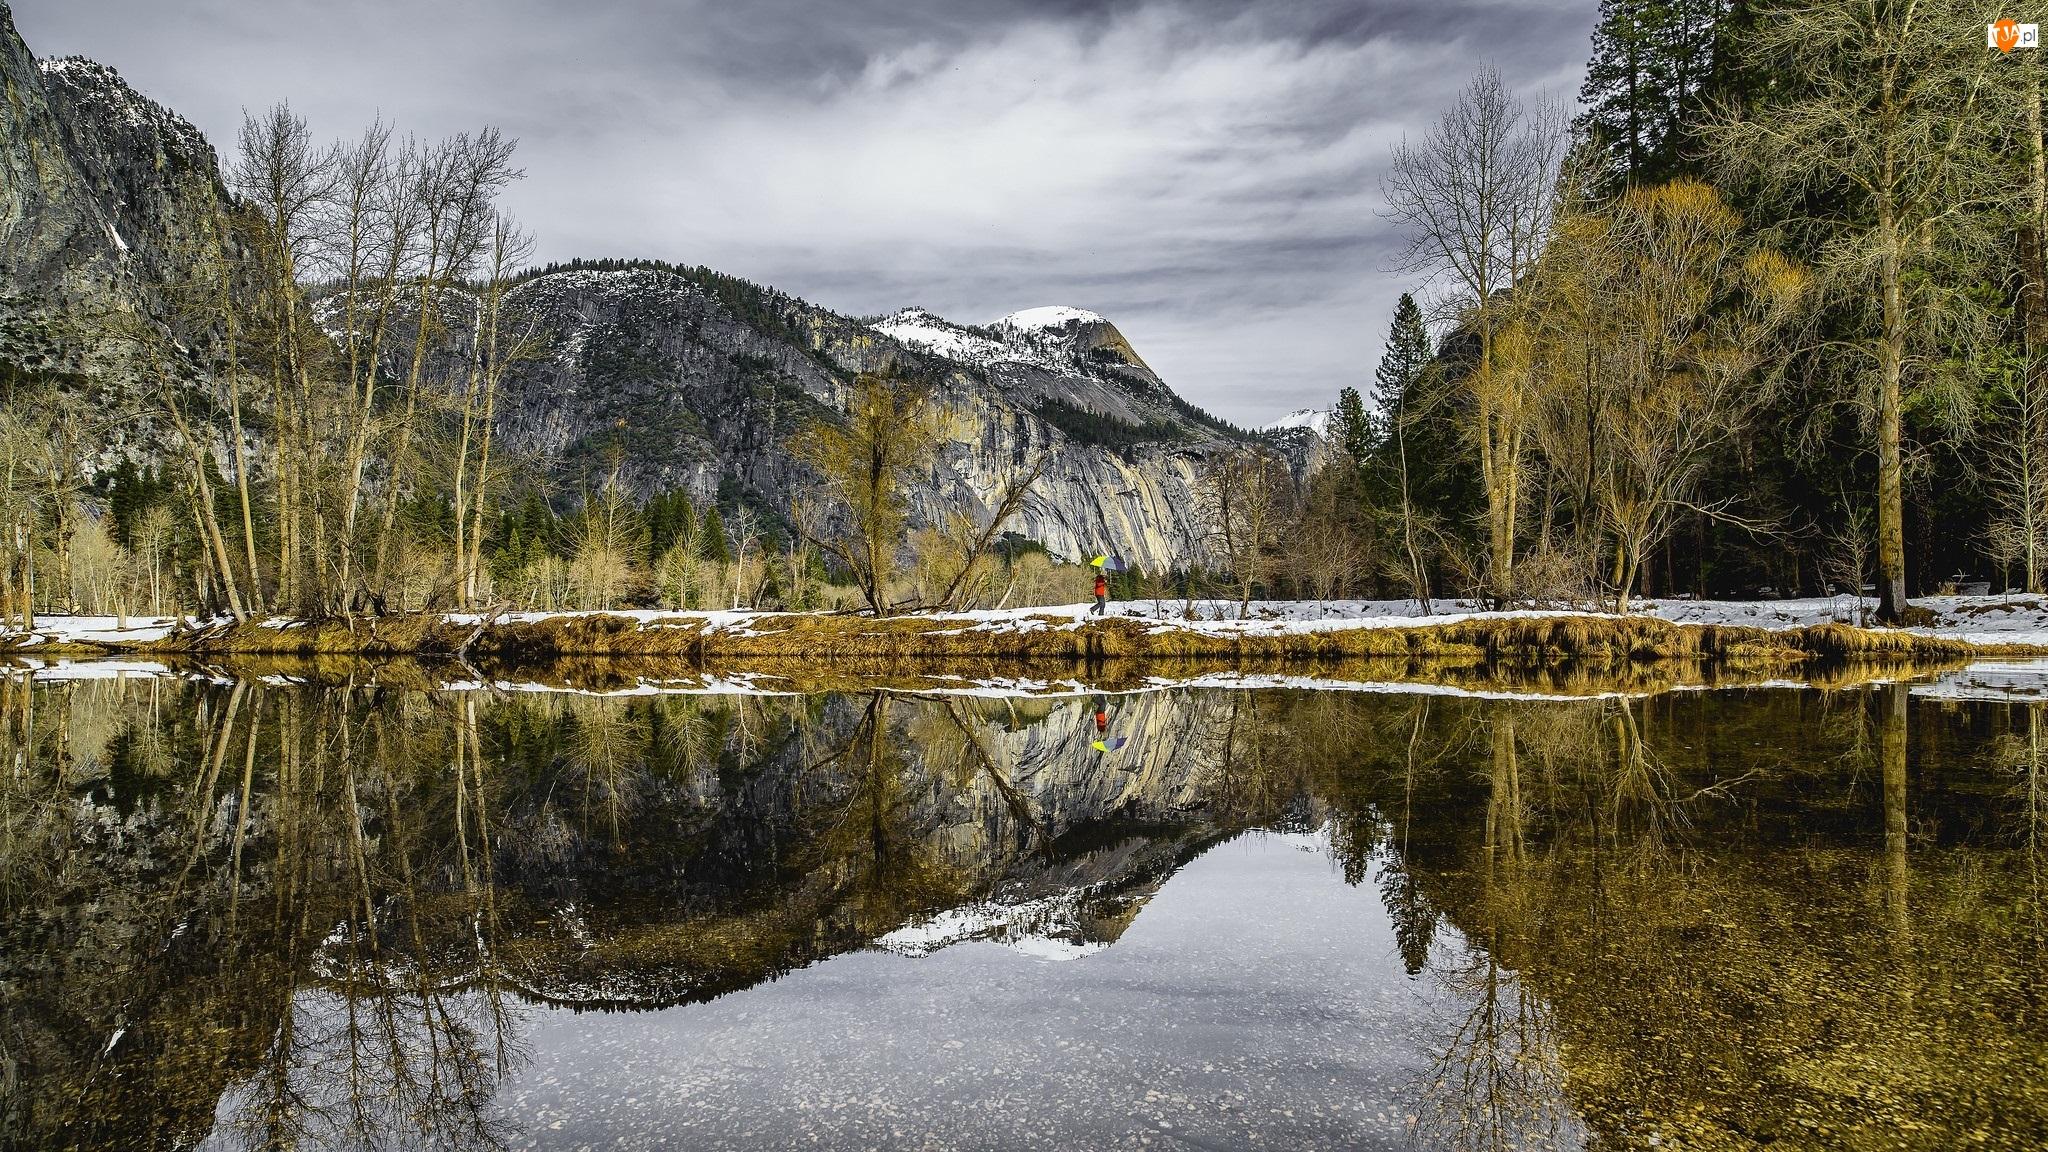 Góry, Rzeka Merced, Kalifornia, Człowiek, Stany Zjednoczone, Odbicie, Park Narodowy Yosemite, Drzewa